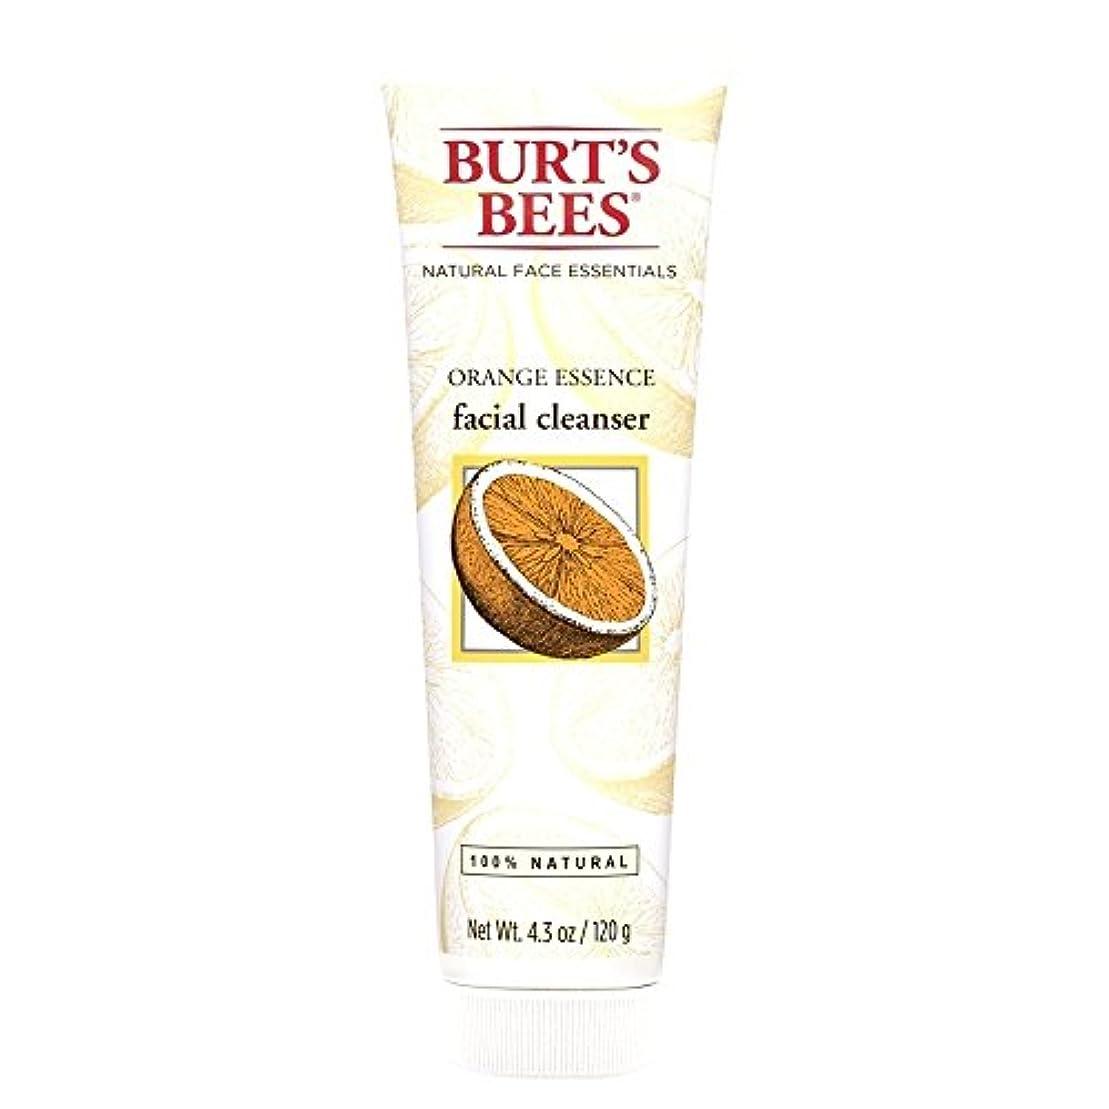 だます提唱するスピーカーバーツビーオレンジエッセンス洗顔料、125グラム (Burt's Bees) - Burt's Bees Orange Essence Facial Cleanser, 125g [並行輸入品]